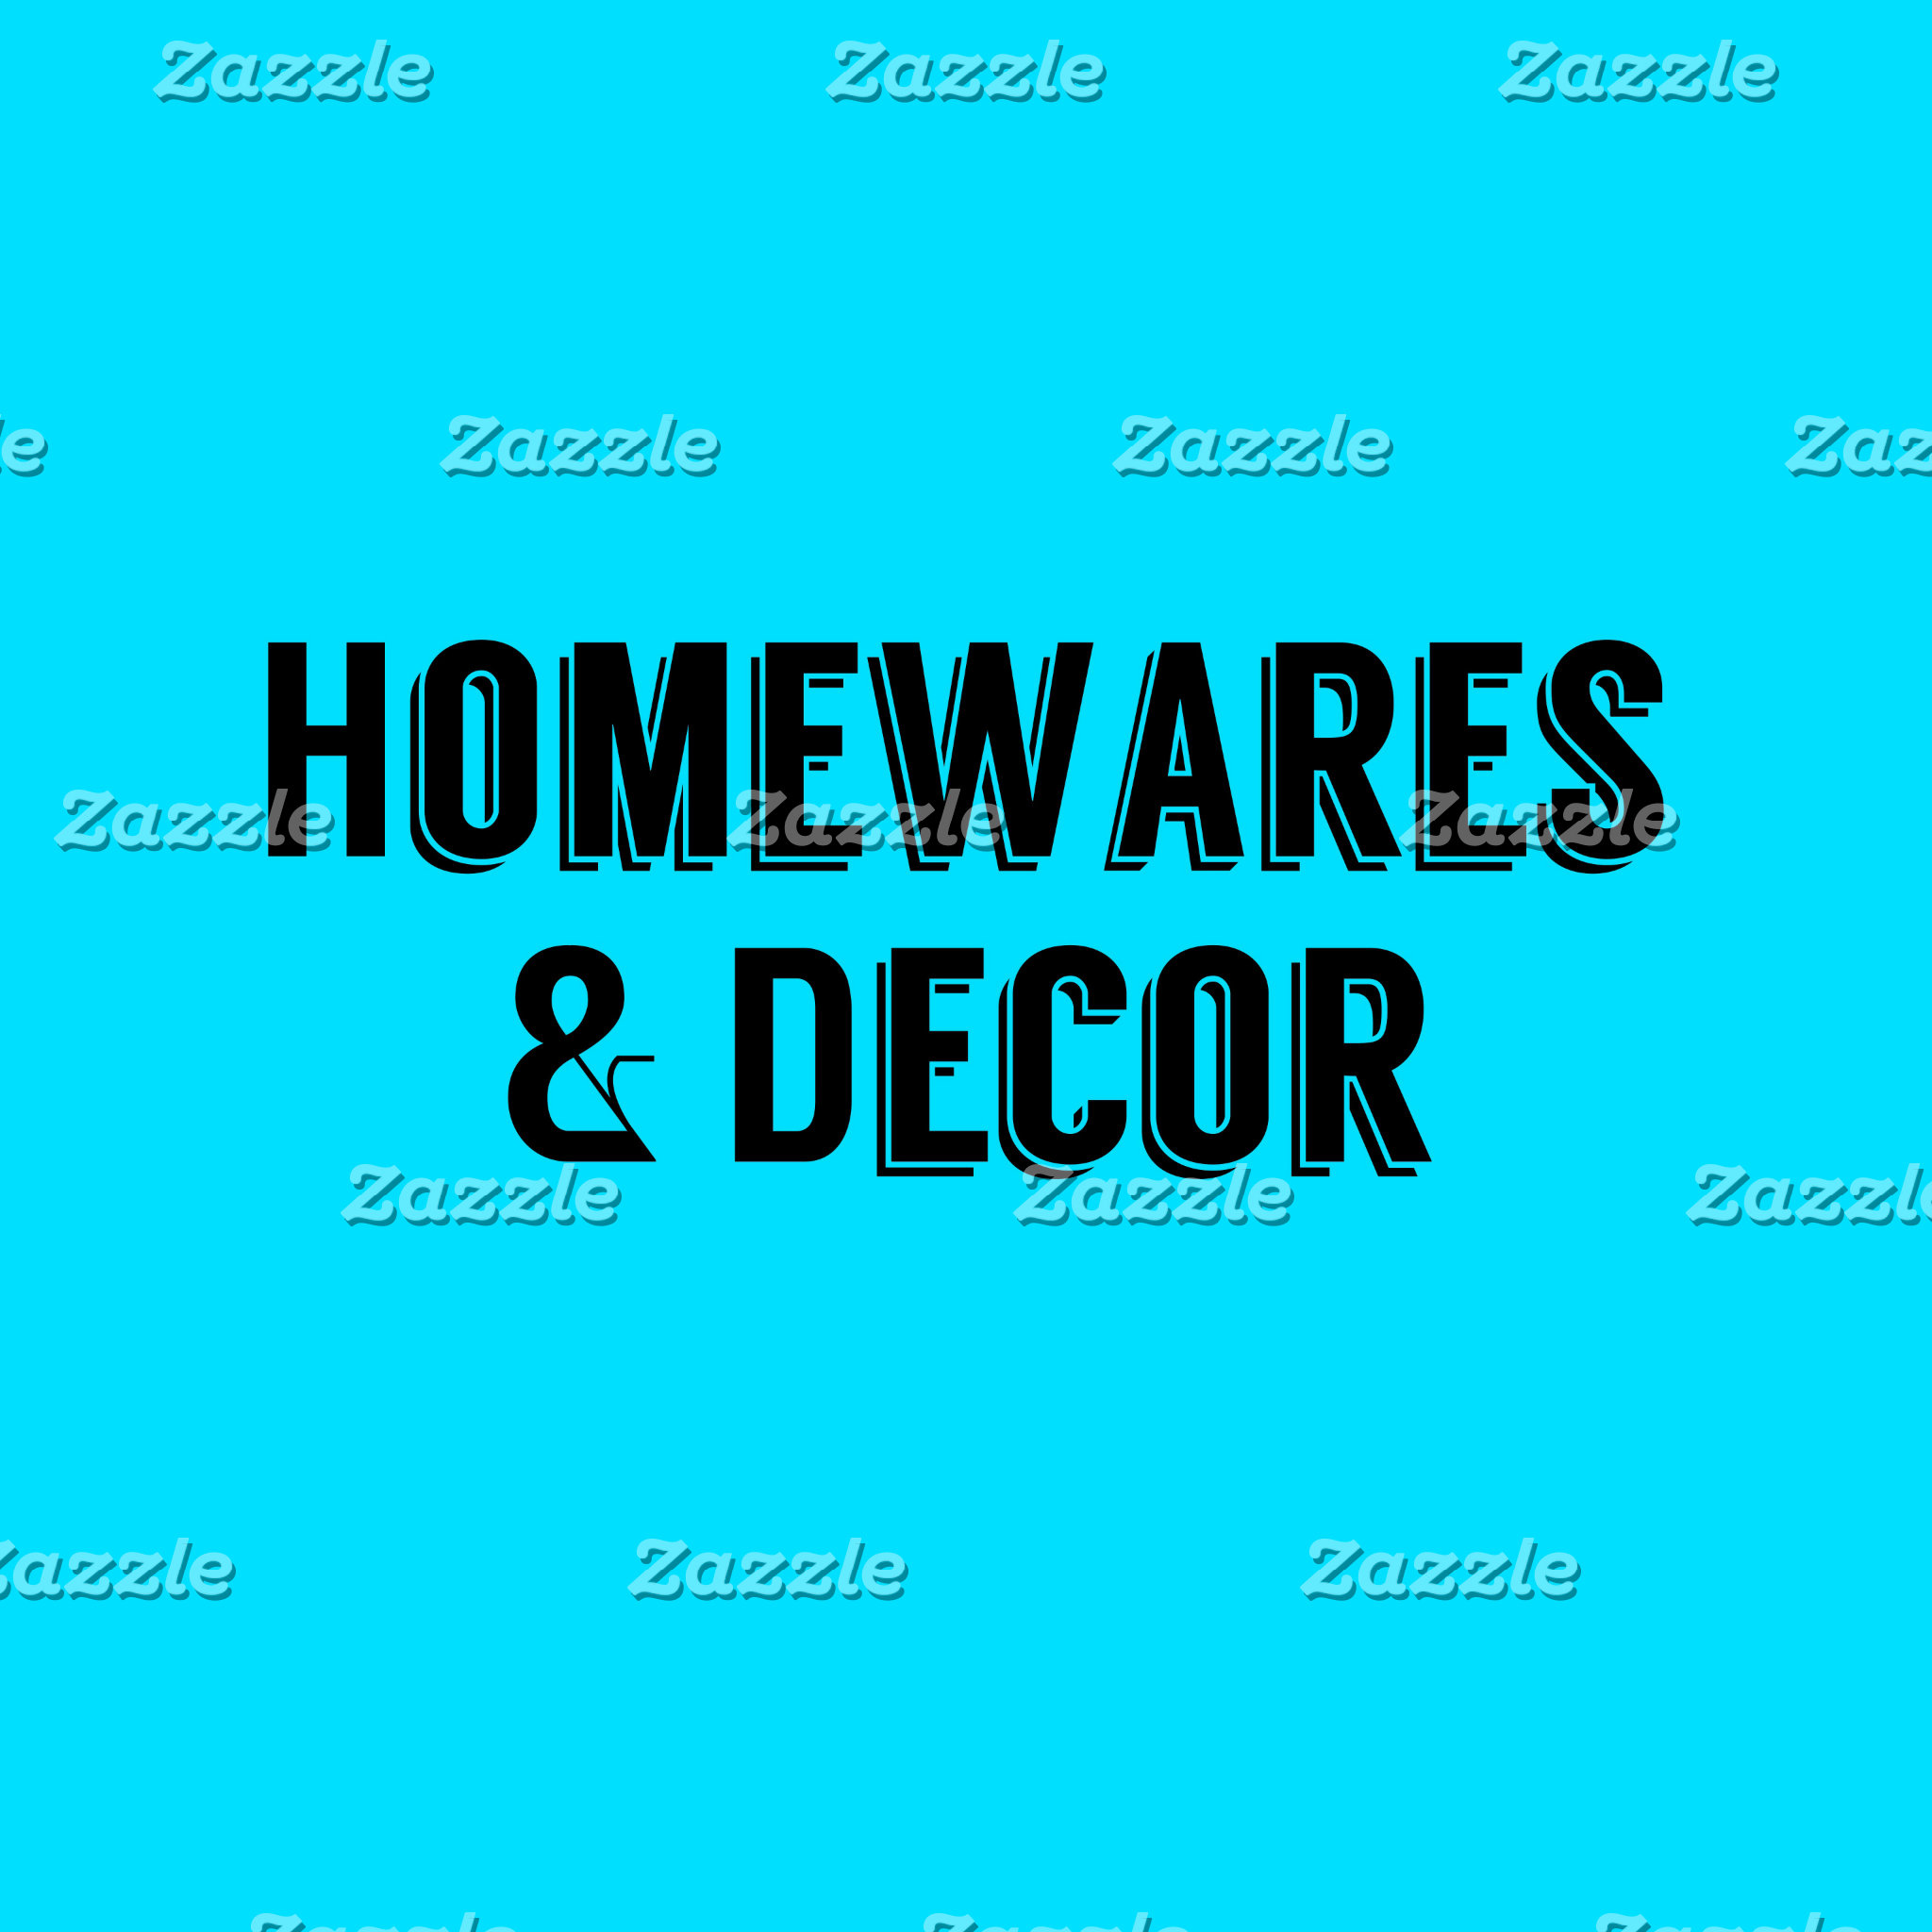 Homewares and Decor